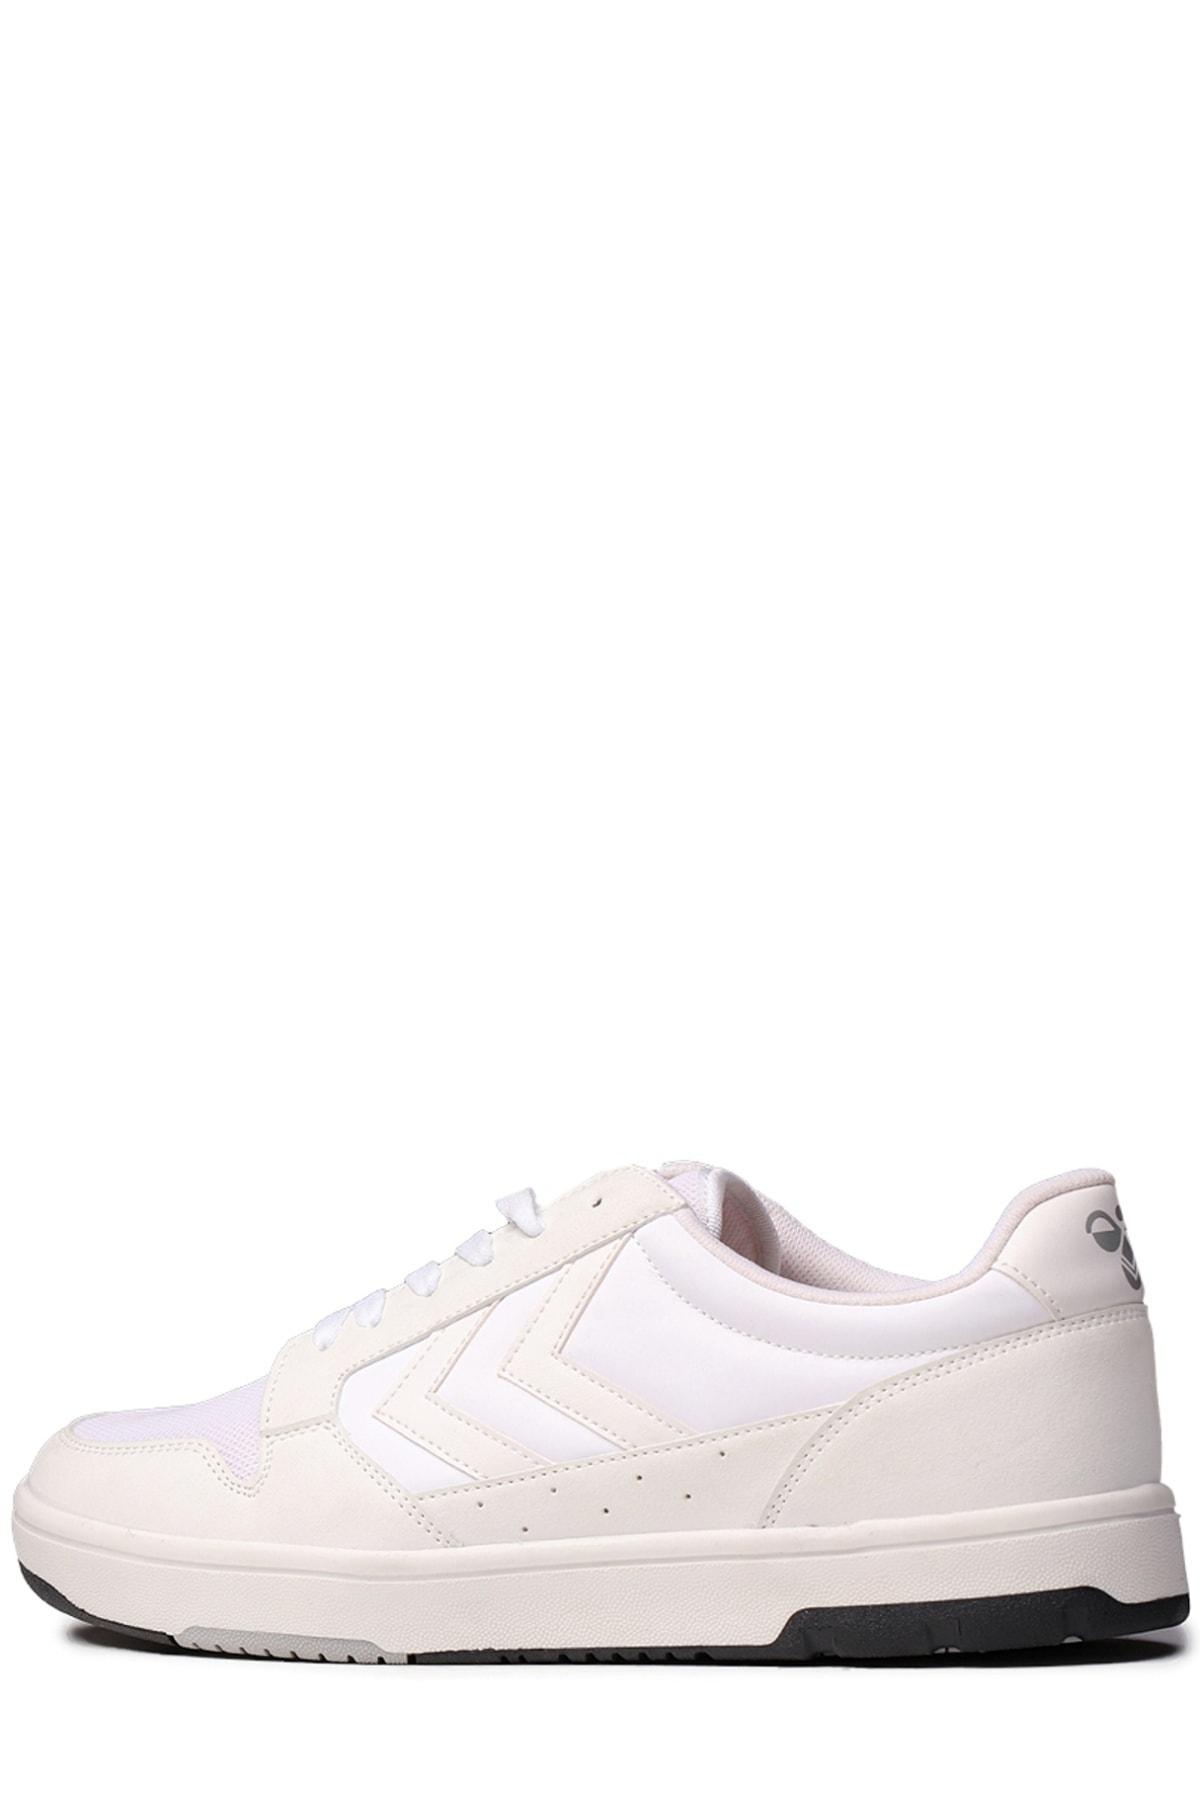 HUMMEL Nıelsen 2 Kadın-erkek Ayakkabı 208041-9001 2